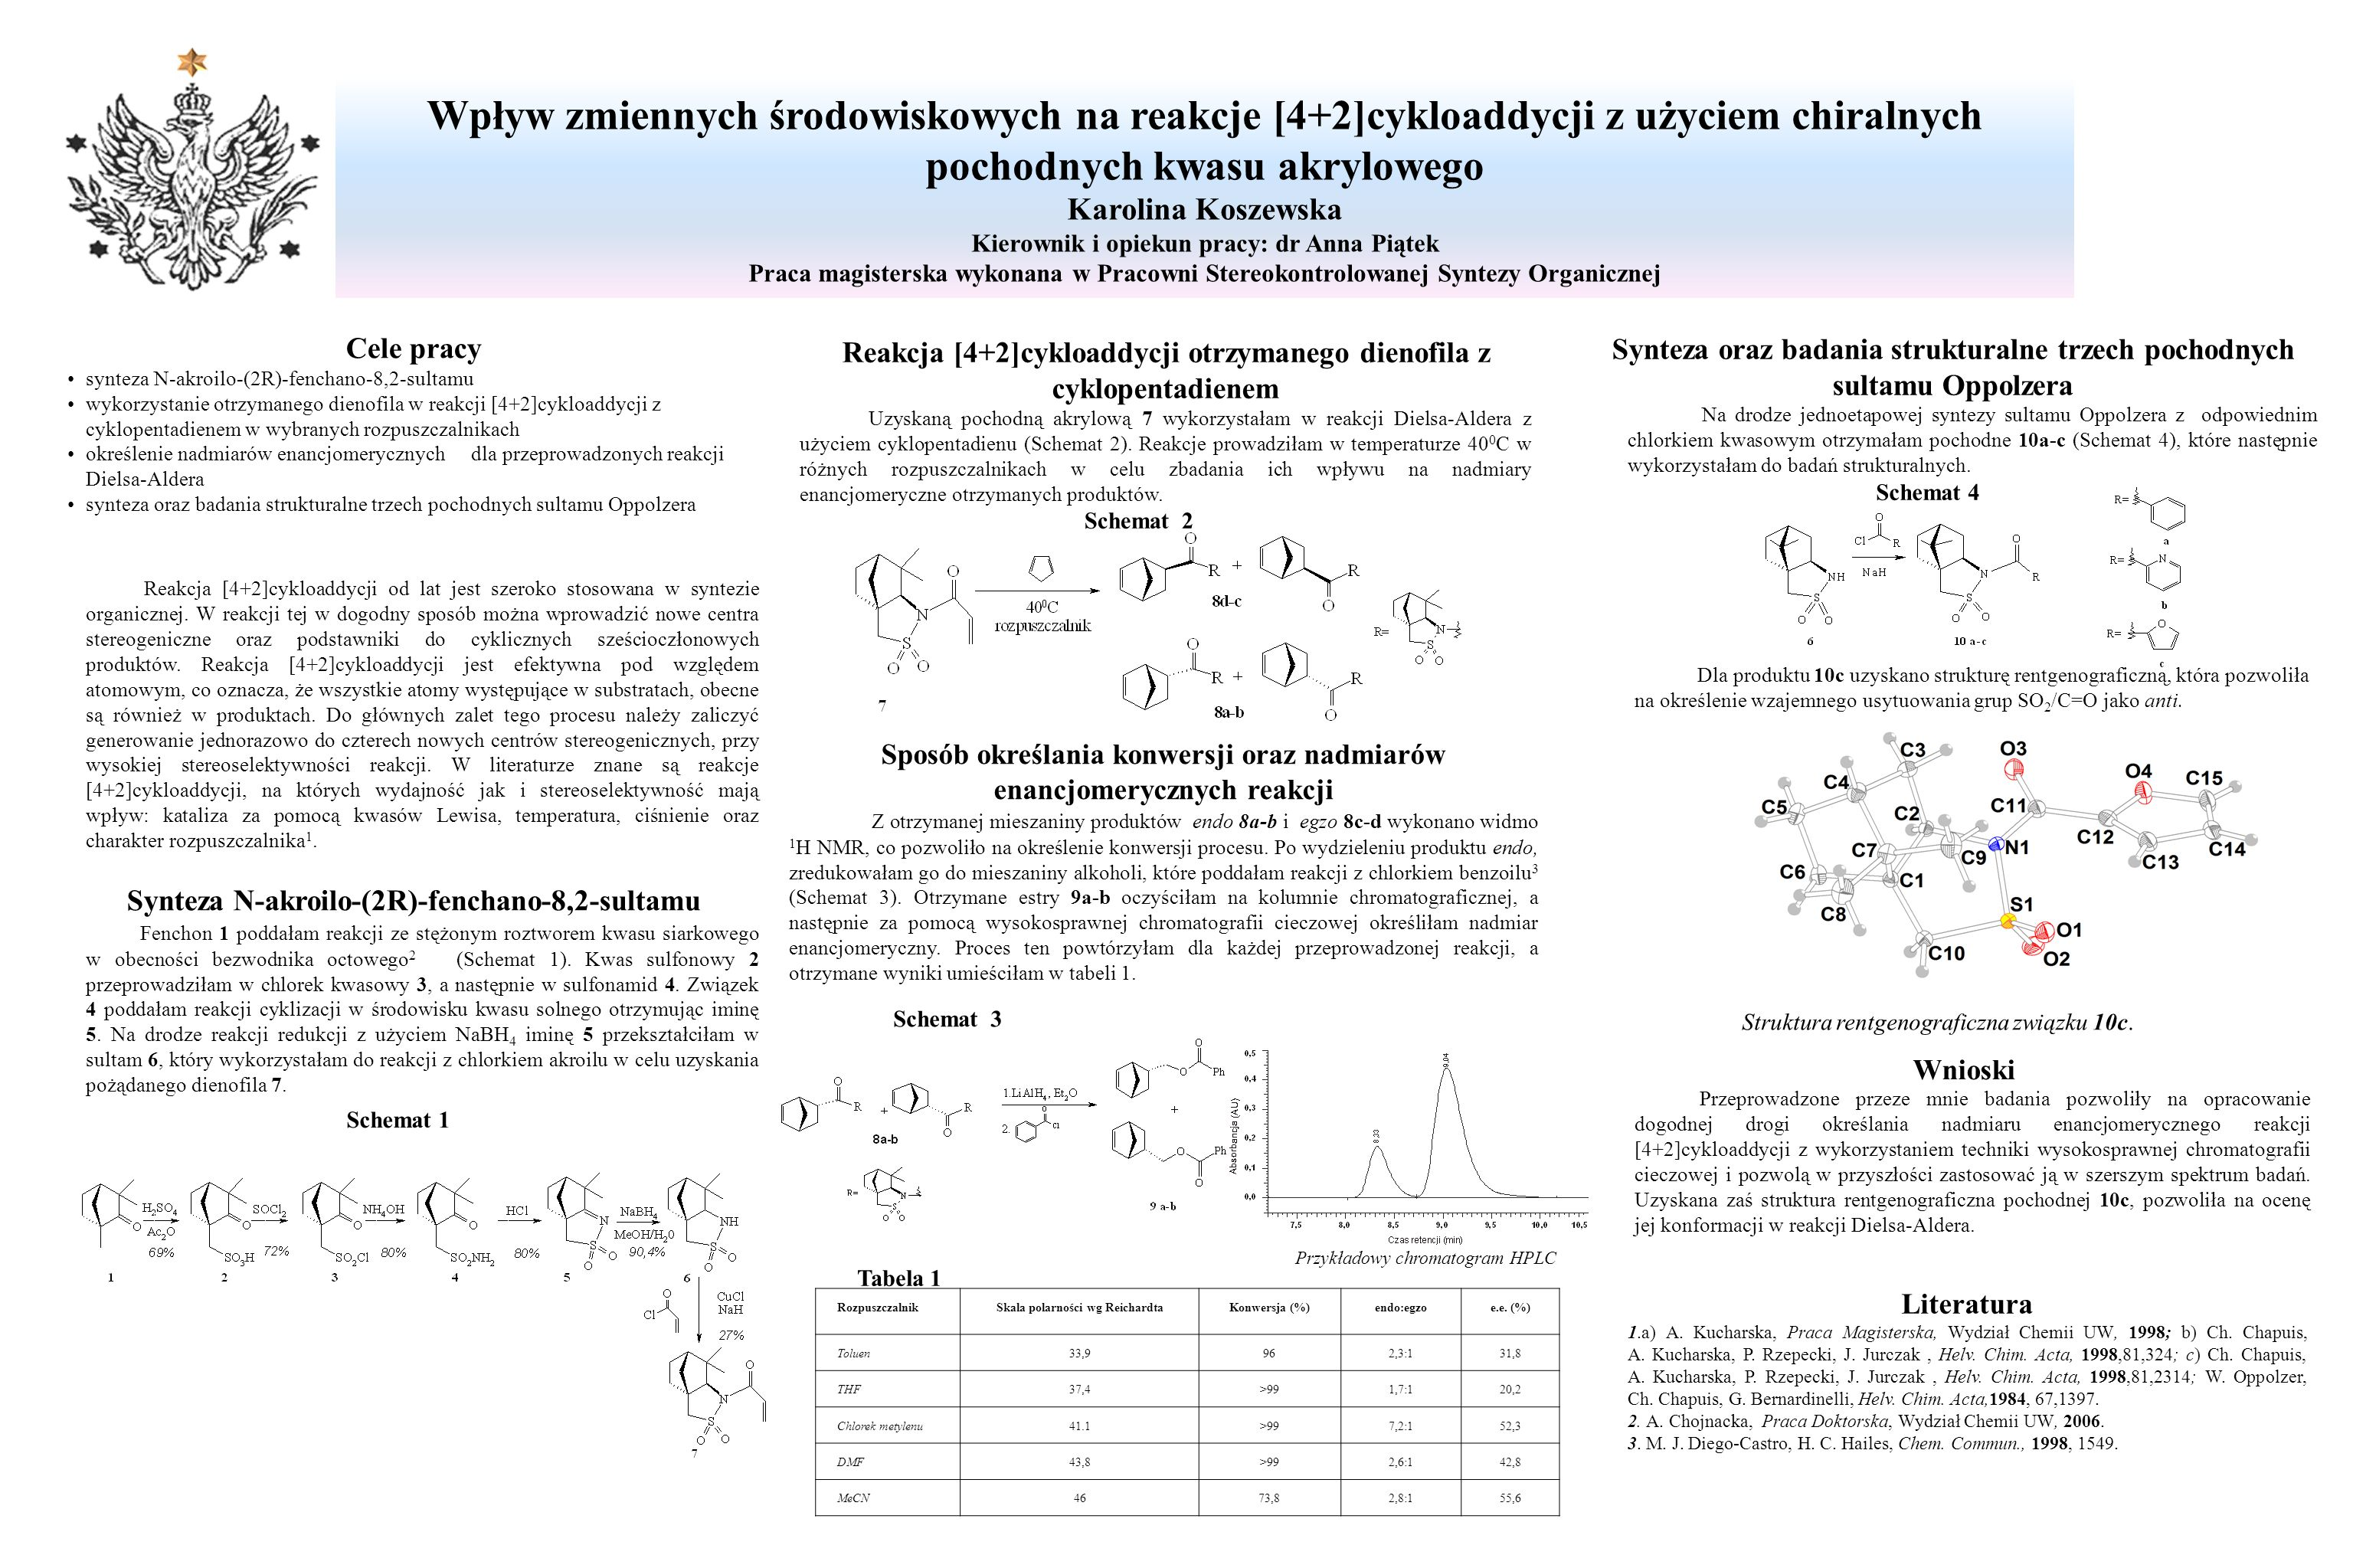 Wpływ zmiennych środowiskowych na reakcje [4+2]cykloaddycji z użyciem chiralnych pochodnych kwasu akrylowego